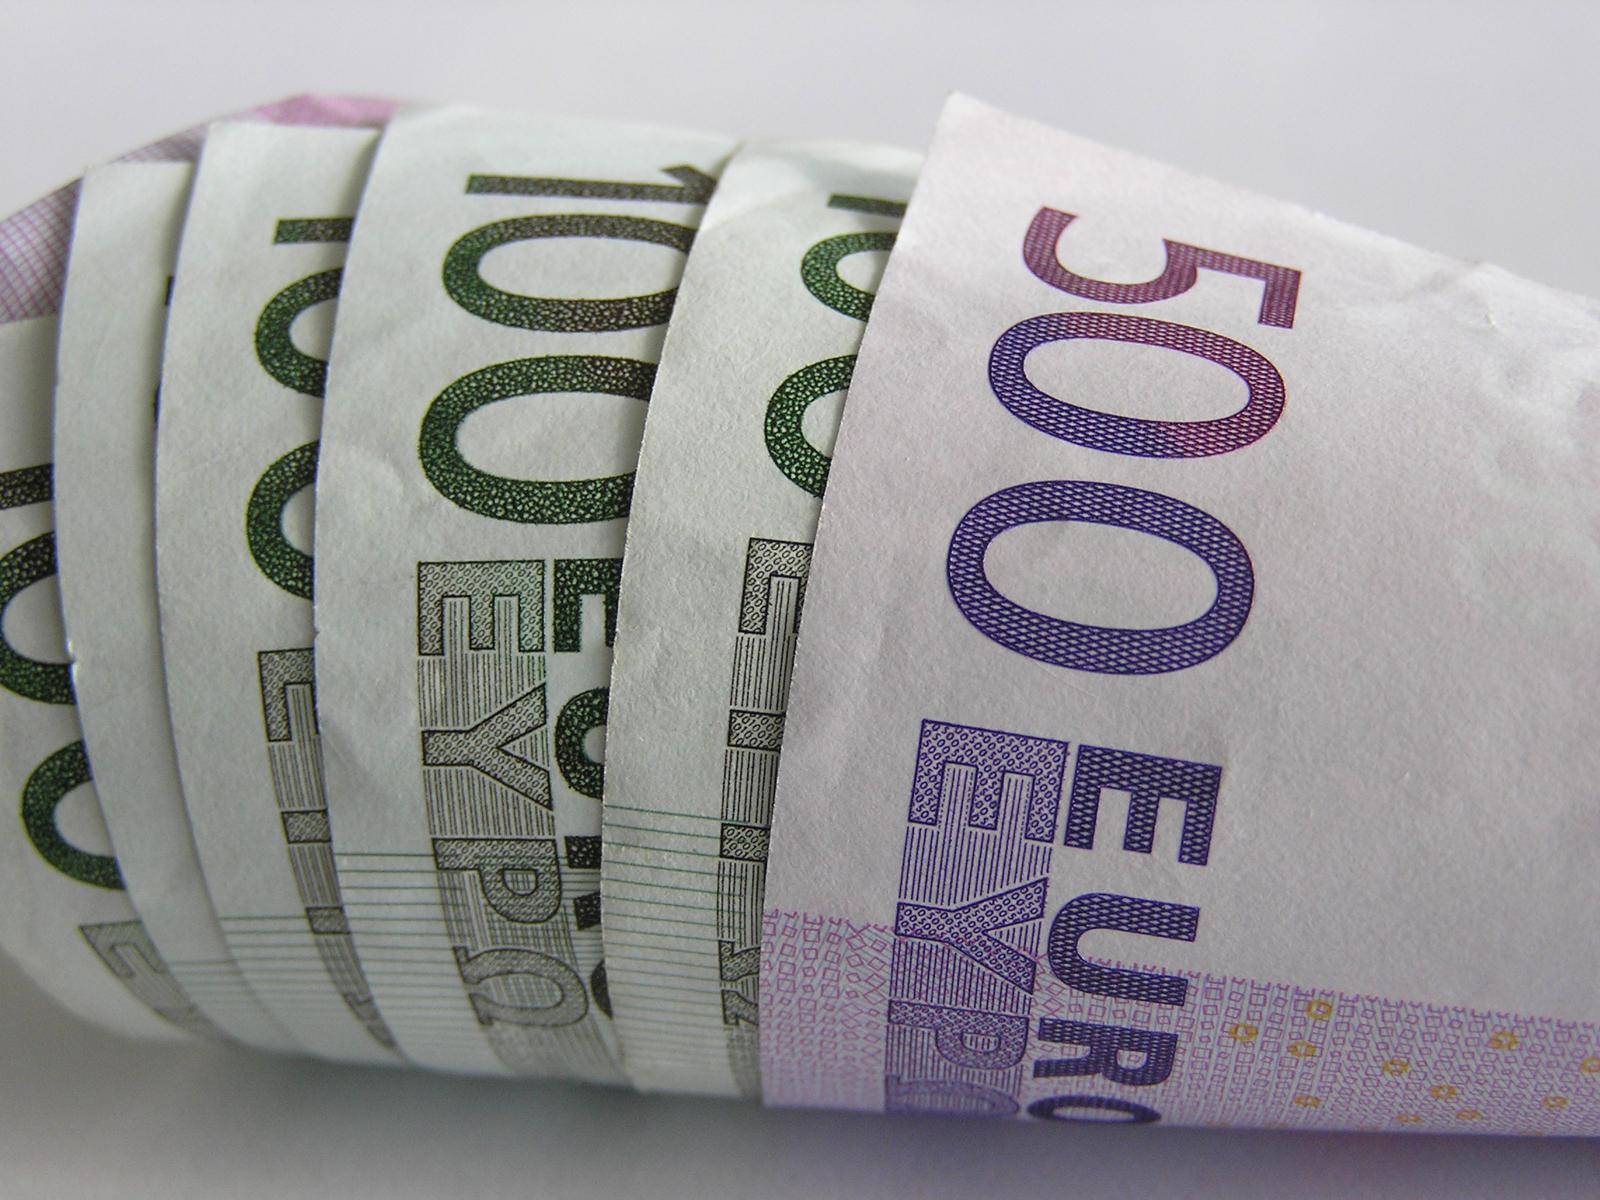 Ricerca Svizzera: bancari dentondo alla disonesta' per il lavoro